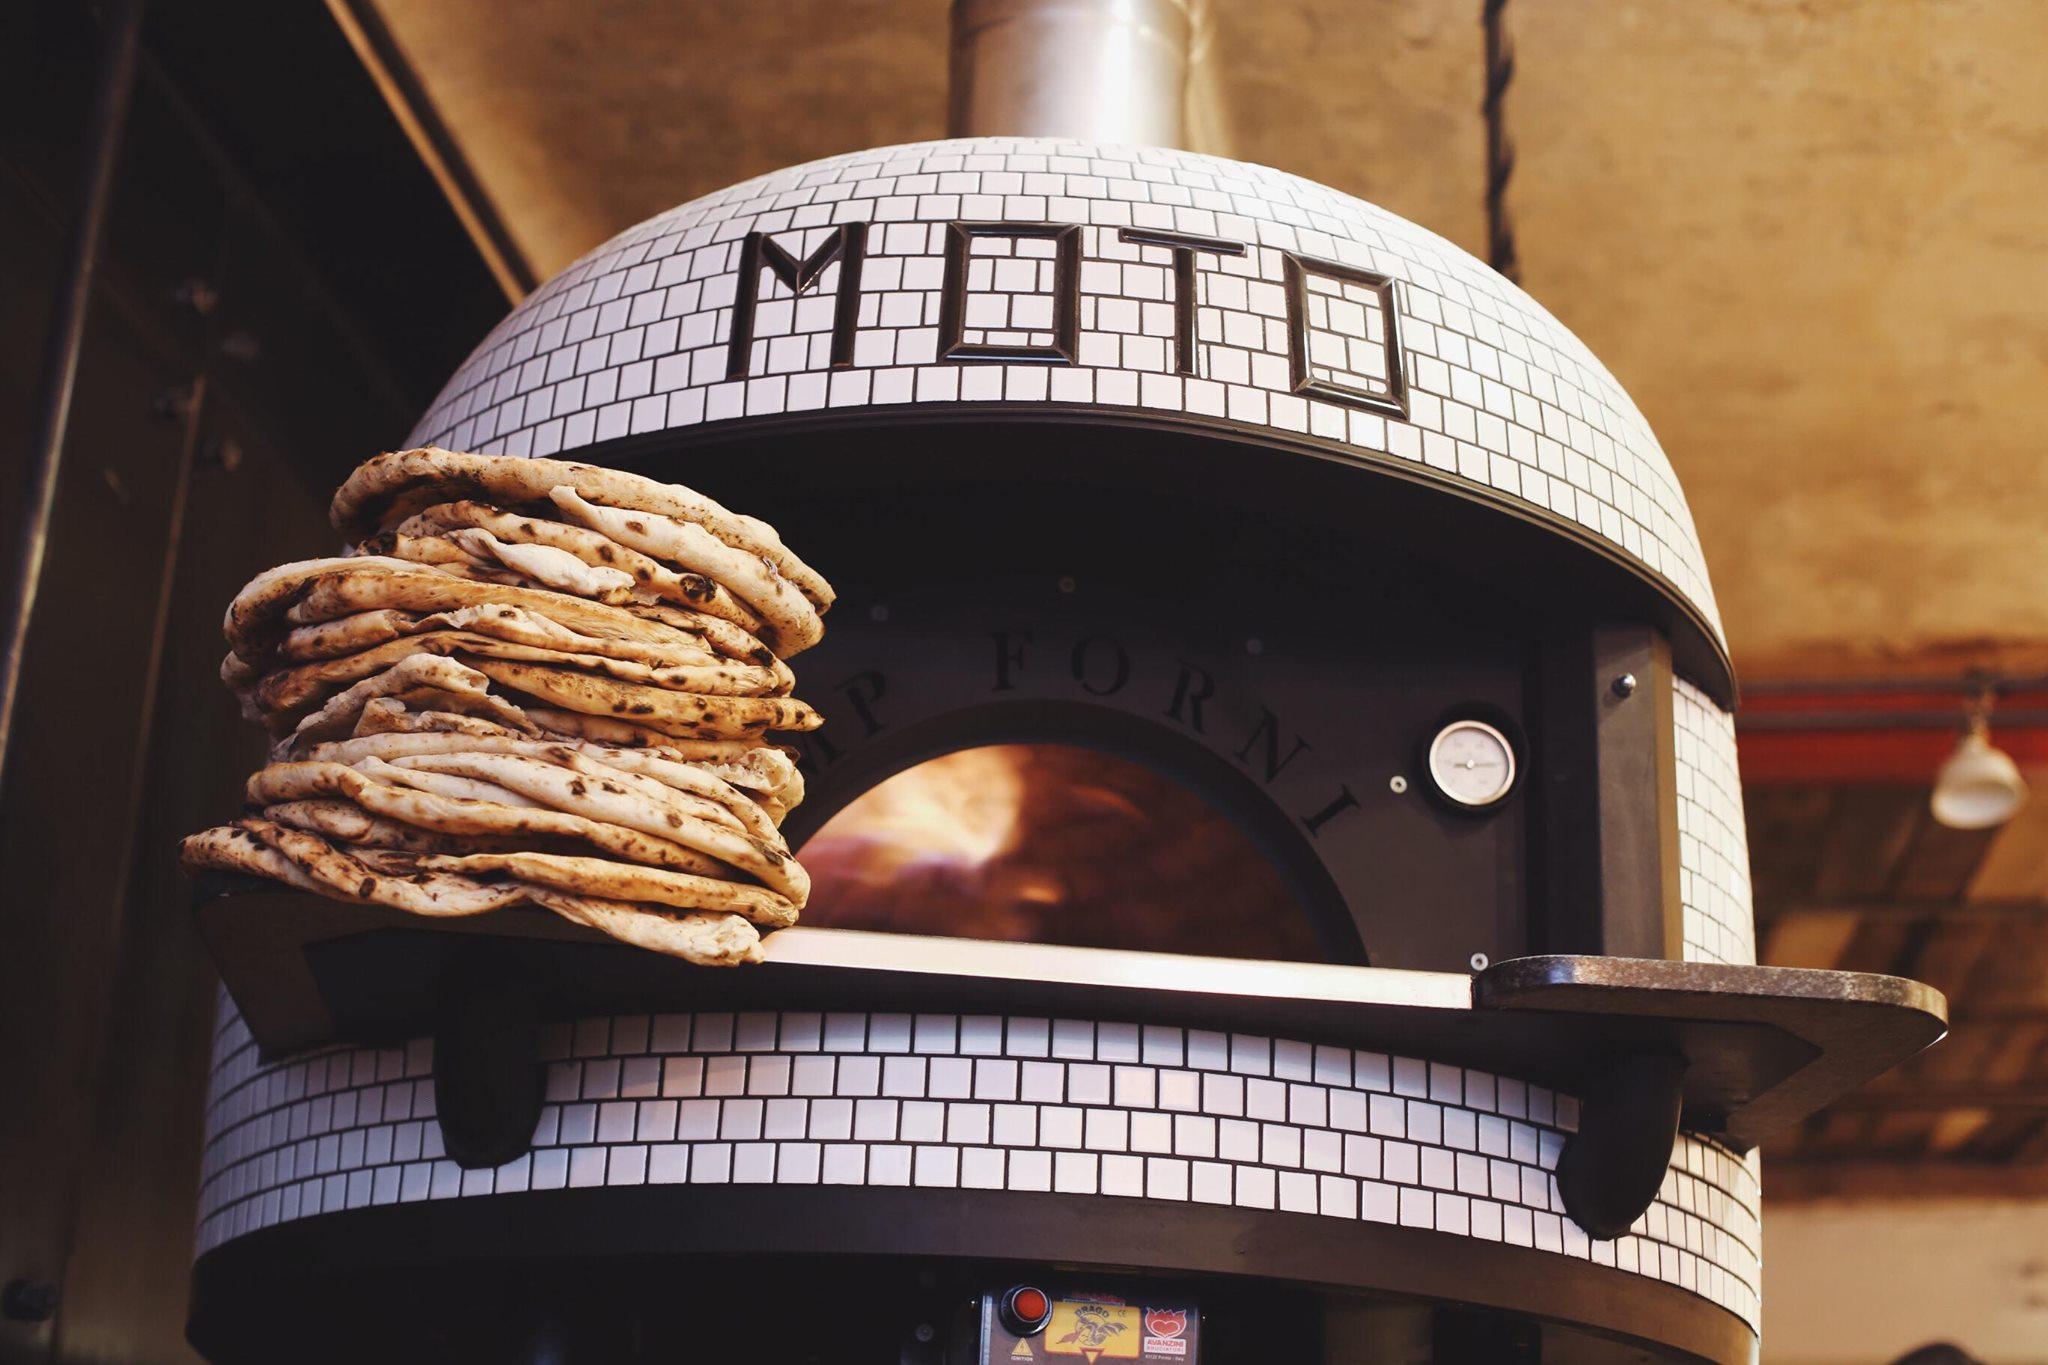 Globális pizza, globális flow: Ma izzik fel először a Moto kemencéje Budán